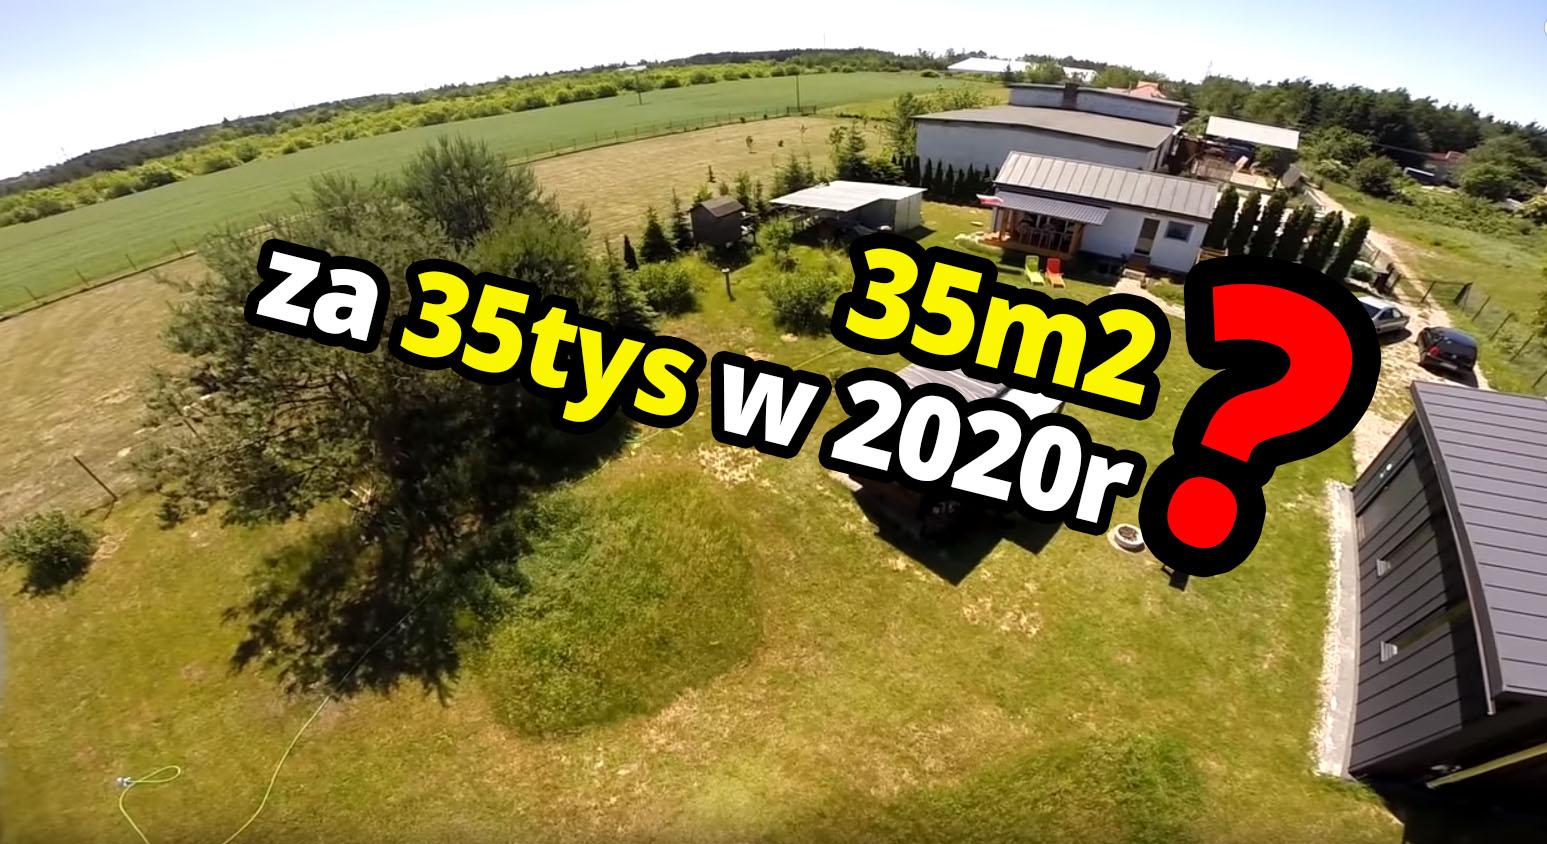 Dom 35m2 na zgłoszenie, koszt budowy domu 2020r